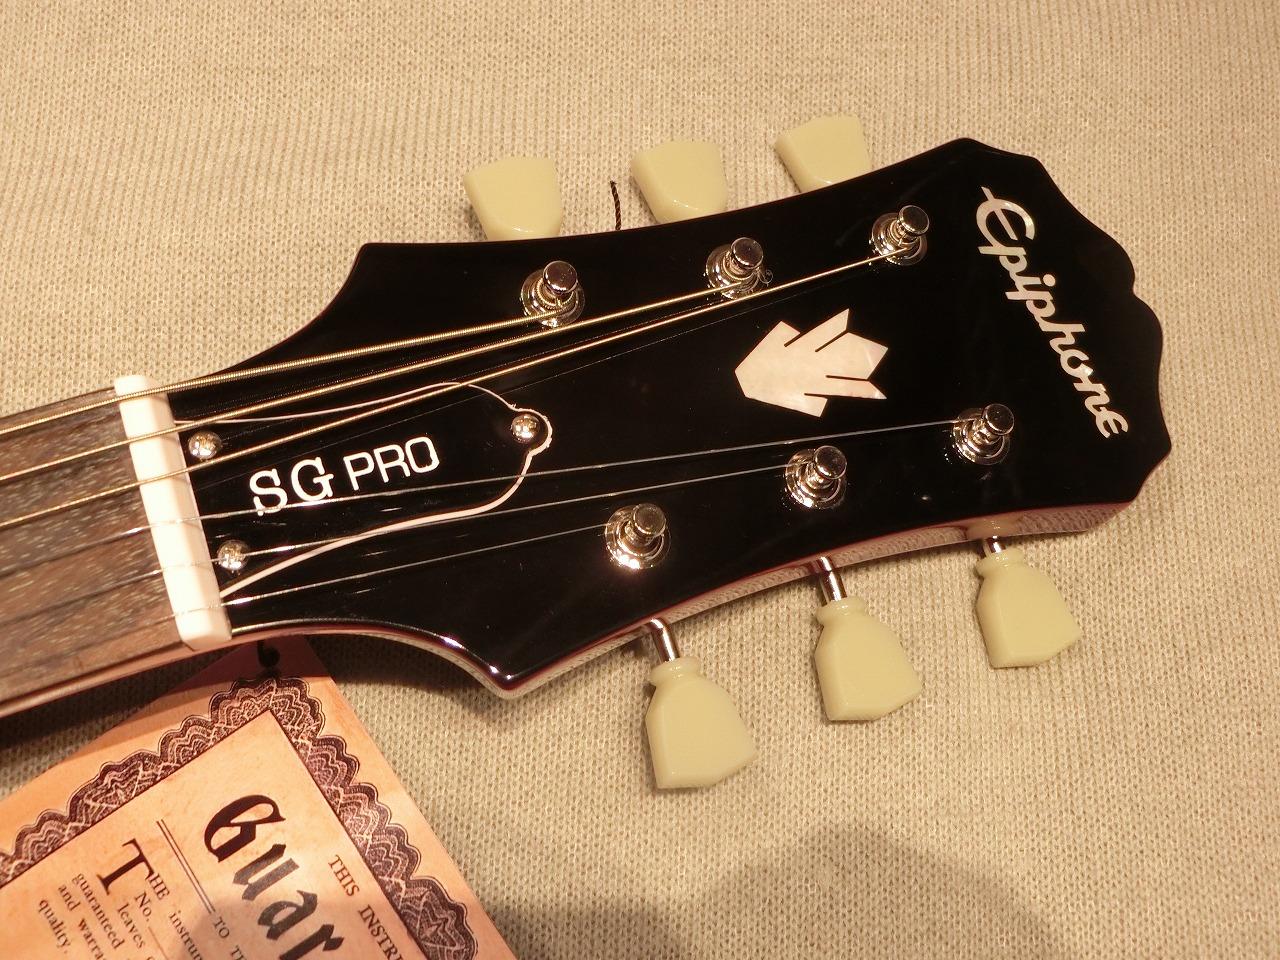 G-400 Proのヘッド画像